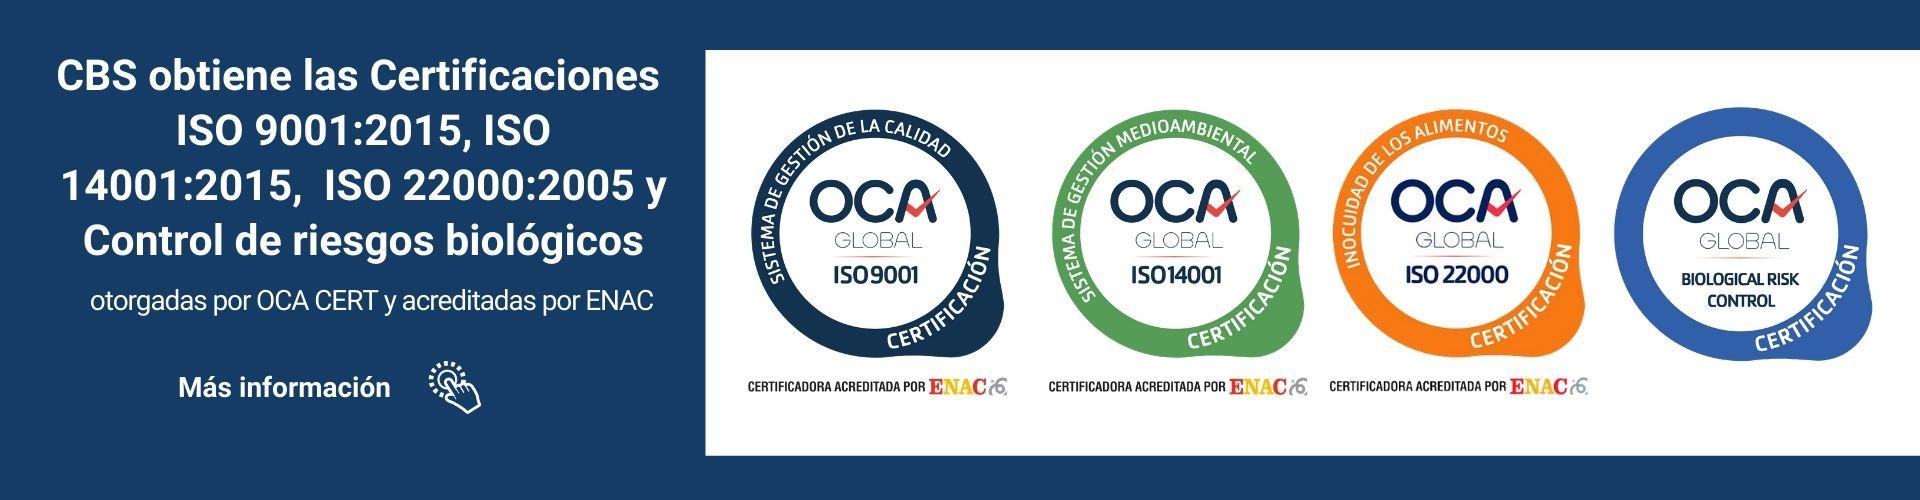 CBS-obtiene-las-Certificaciones-ISO-9001-ISO-14001-ISO-22000-OCA-CERT-y-ENAC